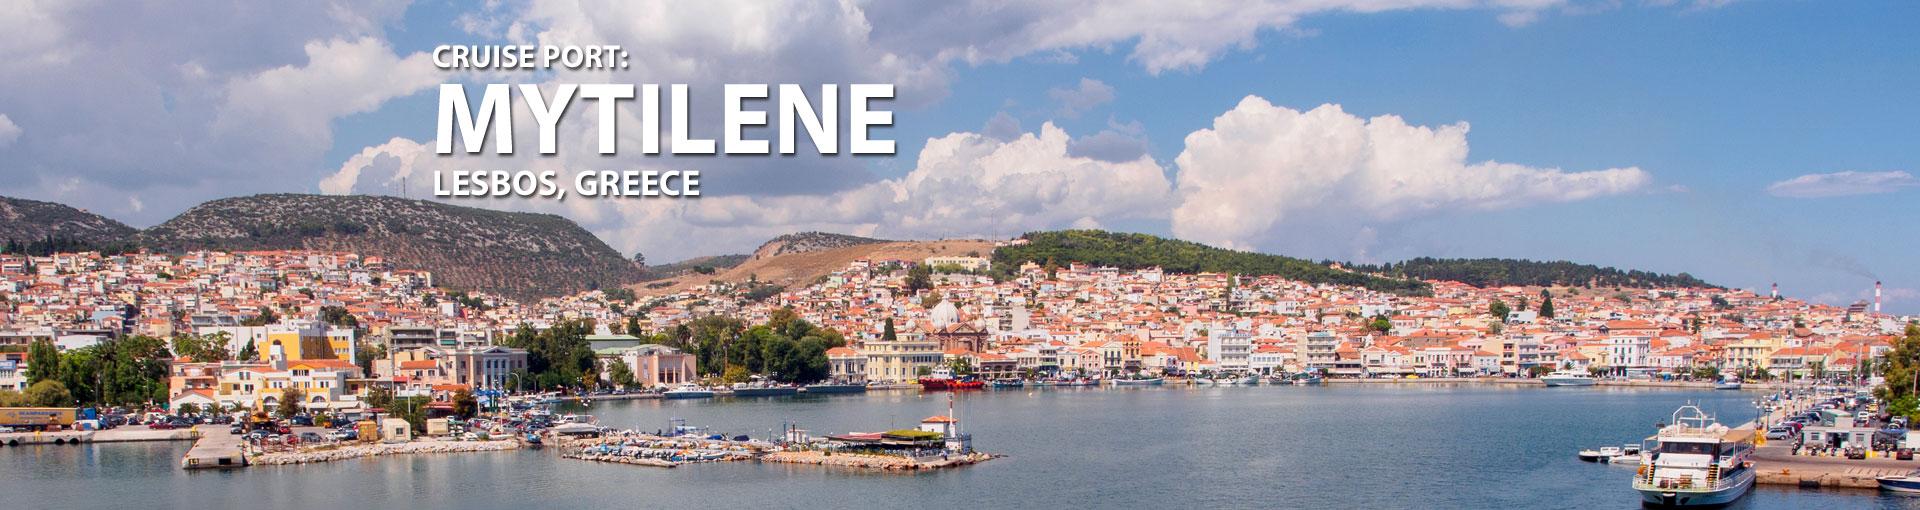 Cruises to Mytilene, Lesbos, Greece